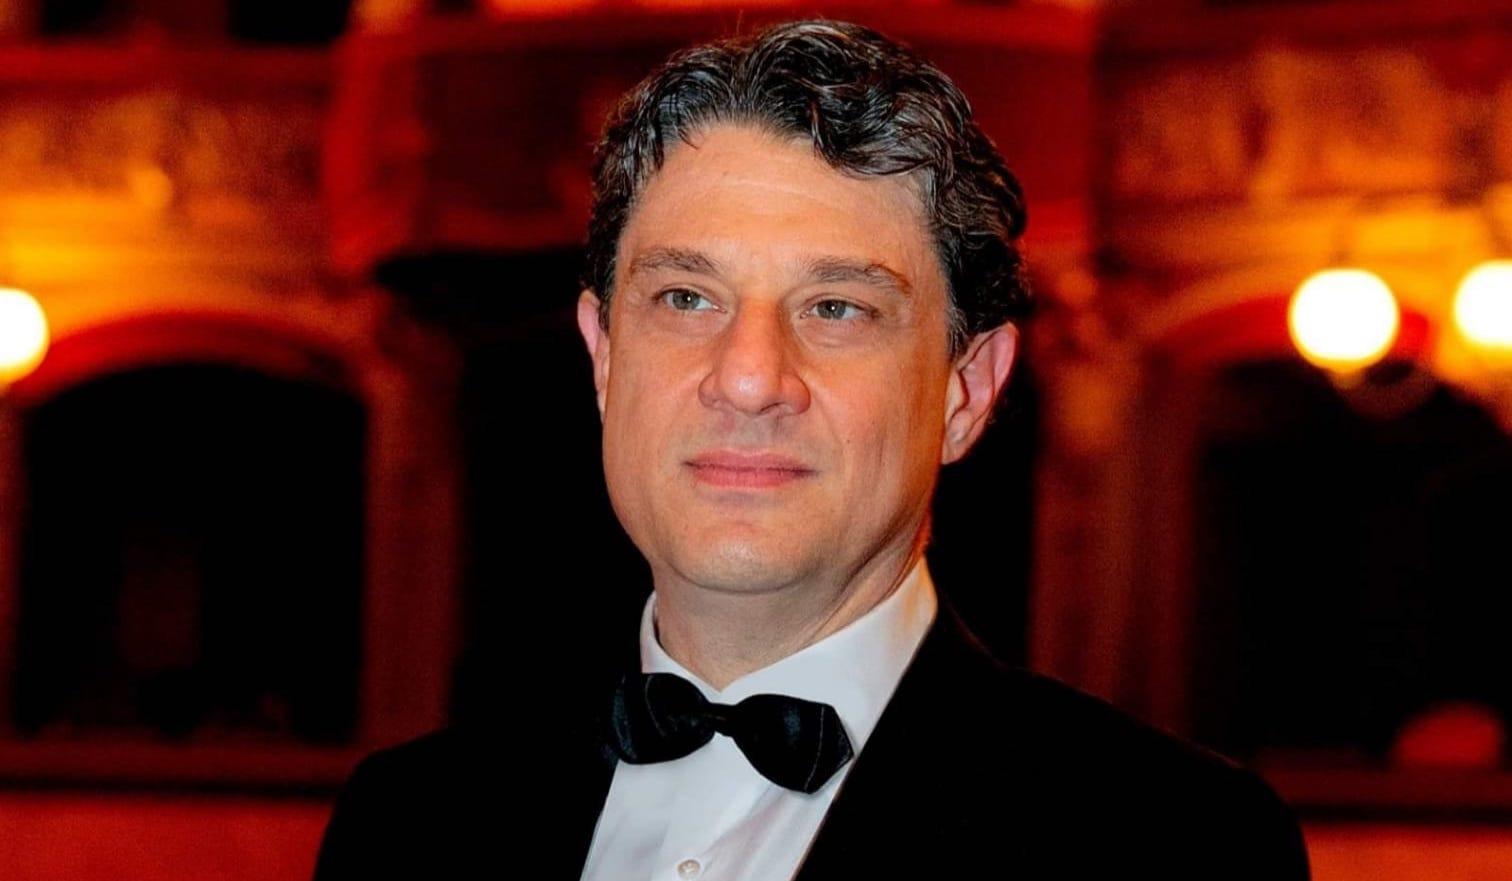 """Chi è il direttore artistico e che fa? Giovanni Cultrera ce lo spiega a """"Dietro le quinte"""""""